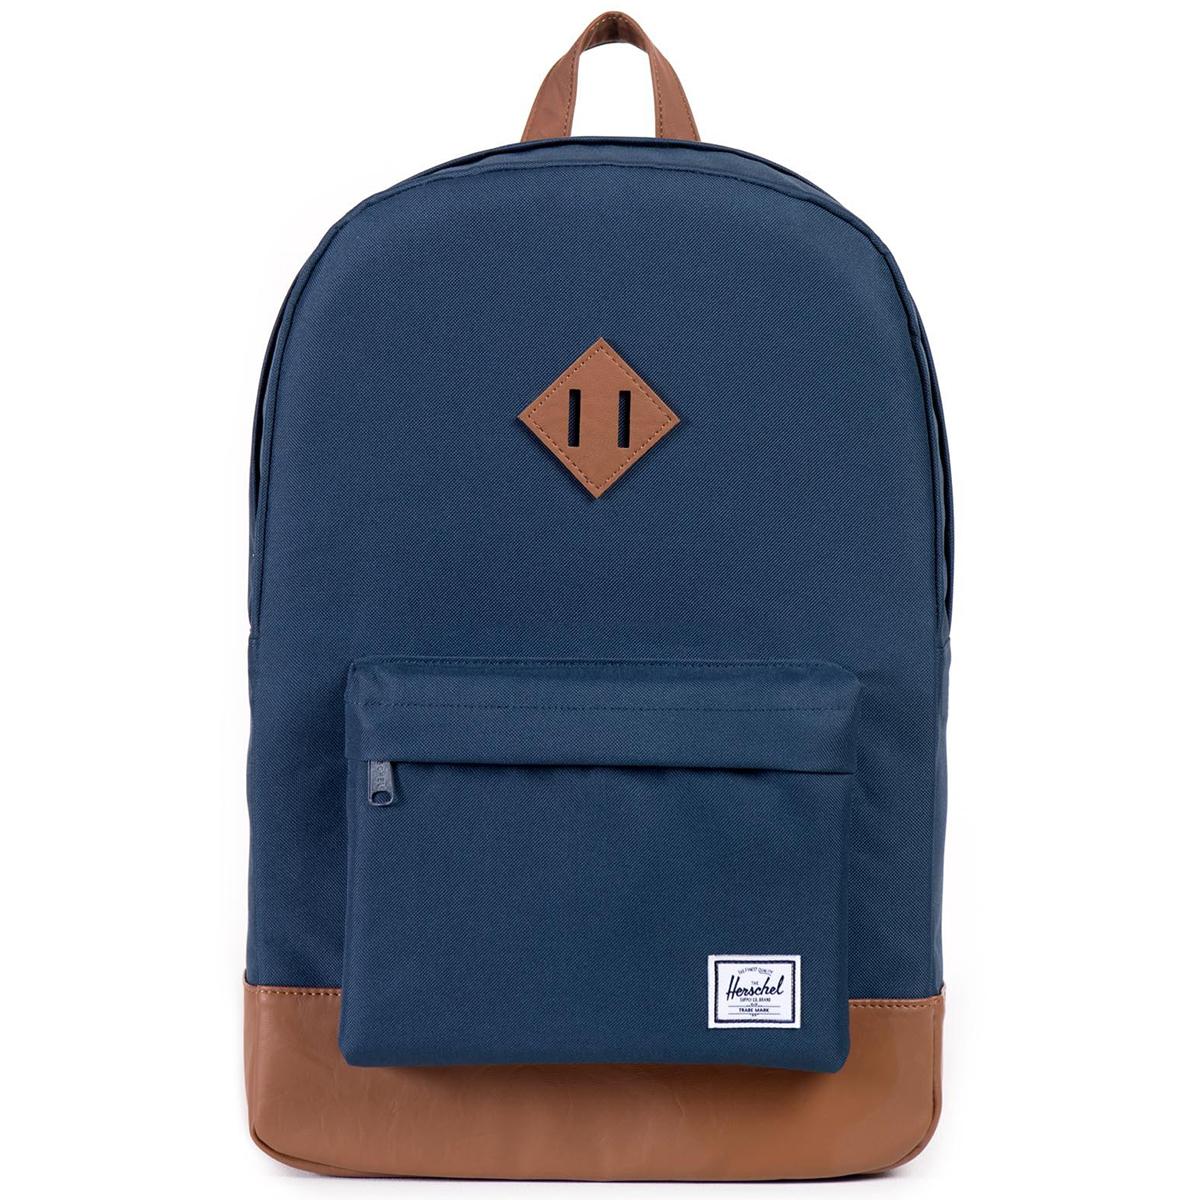 Рюкзак городской Herschel Heritage (A/S), цвет: синий, светло-коричневый. 828432005437828432005437Рюкзак Herschel Heritage ™ это функциональный классический дизайн с особым внимание к деталям.